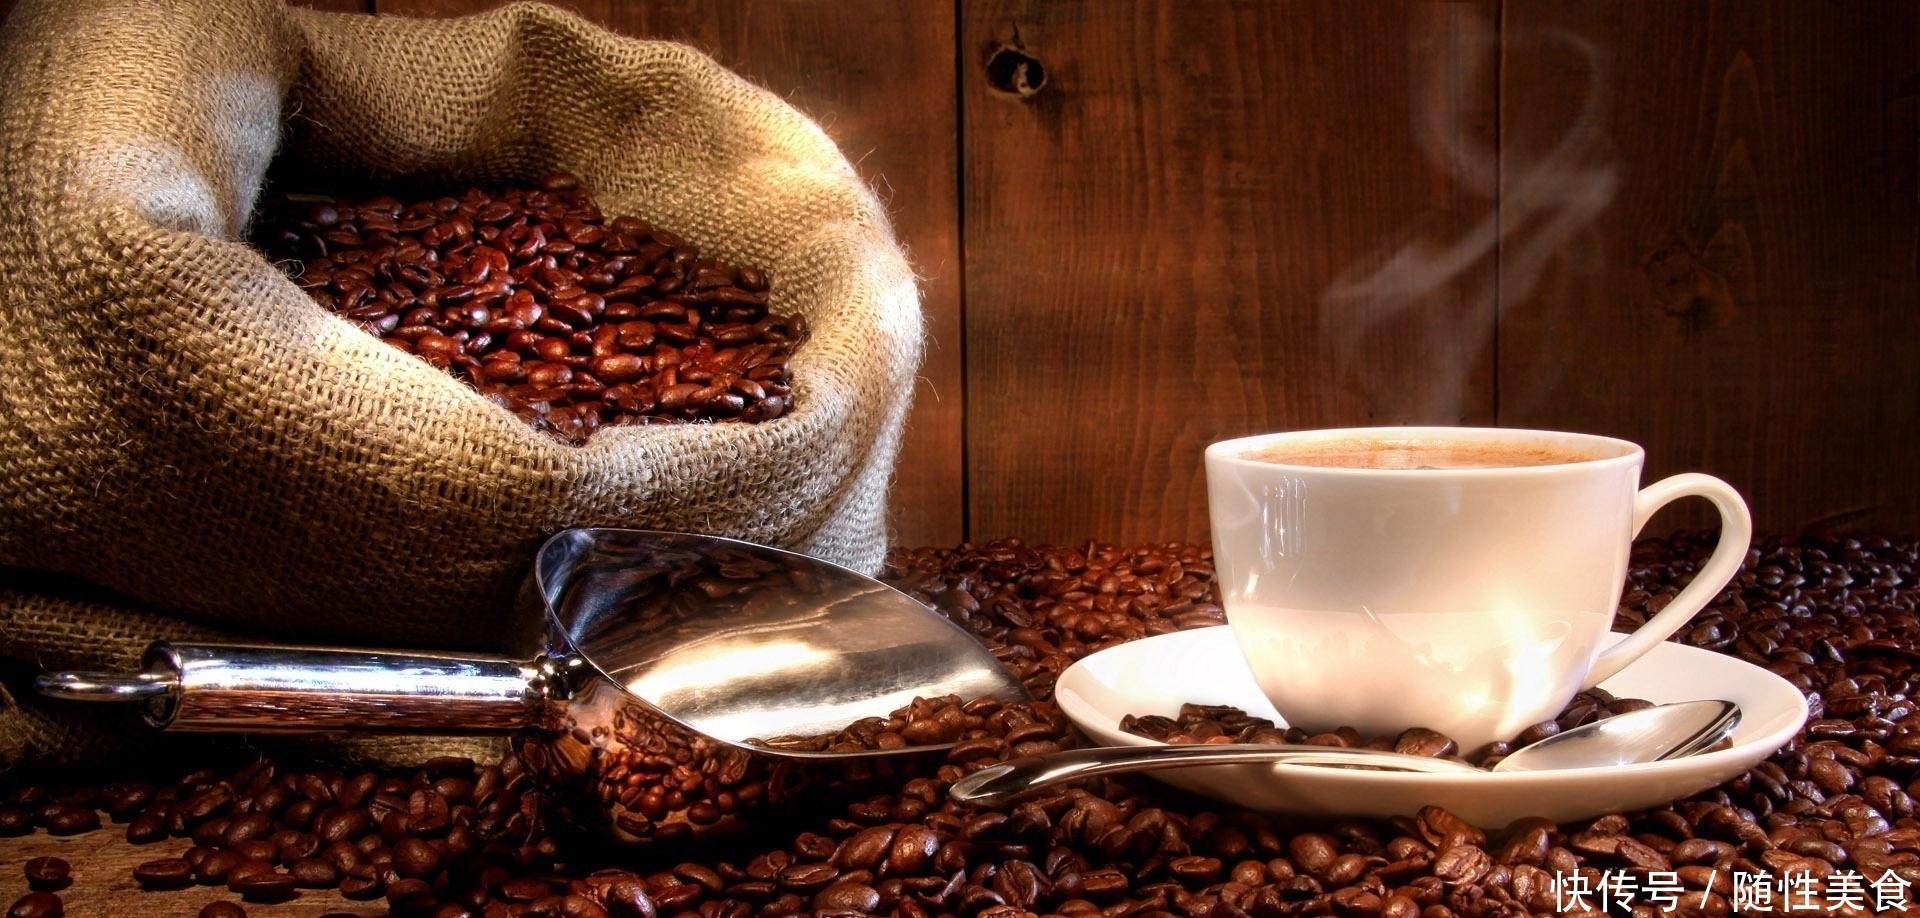 同是咖啡,为什么肯德基卖十几块,星巴克却卖五六十?看完扎心